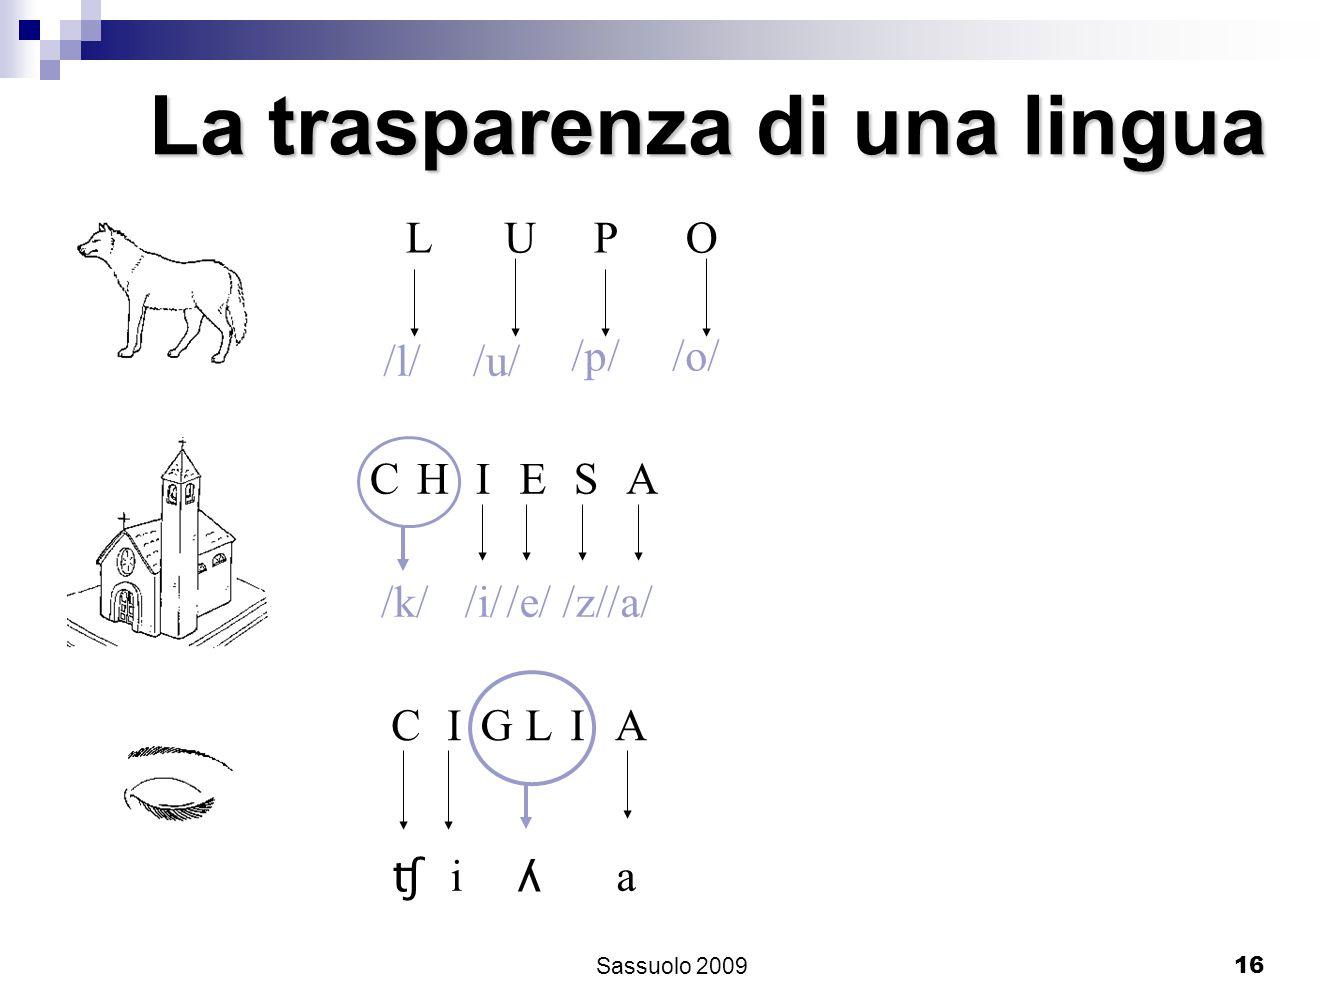 16 La trasparenza di una lingua L /l/ U /u/ P /p/ O /o/ CHIESA /k//i//e//z//a/ CIGLIA ʧ i ʎ a Sassuolo 2009